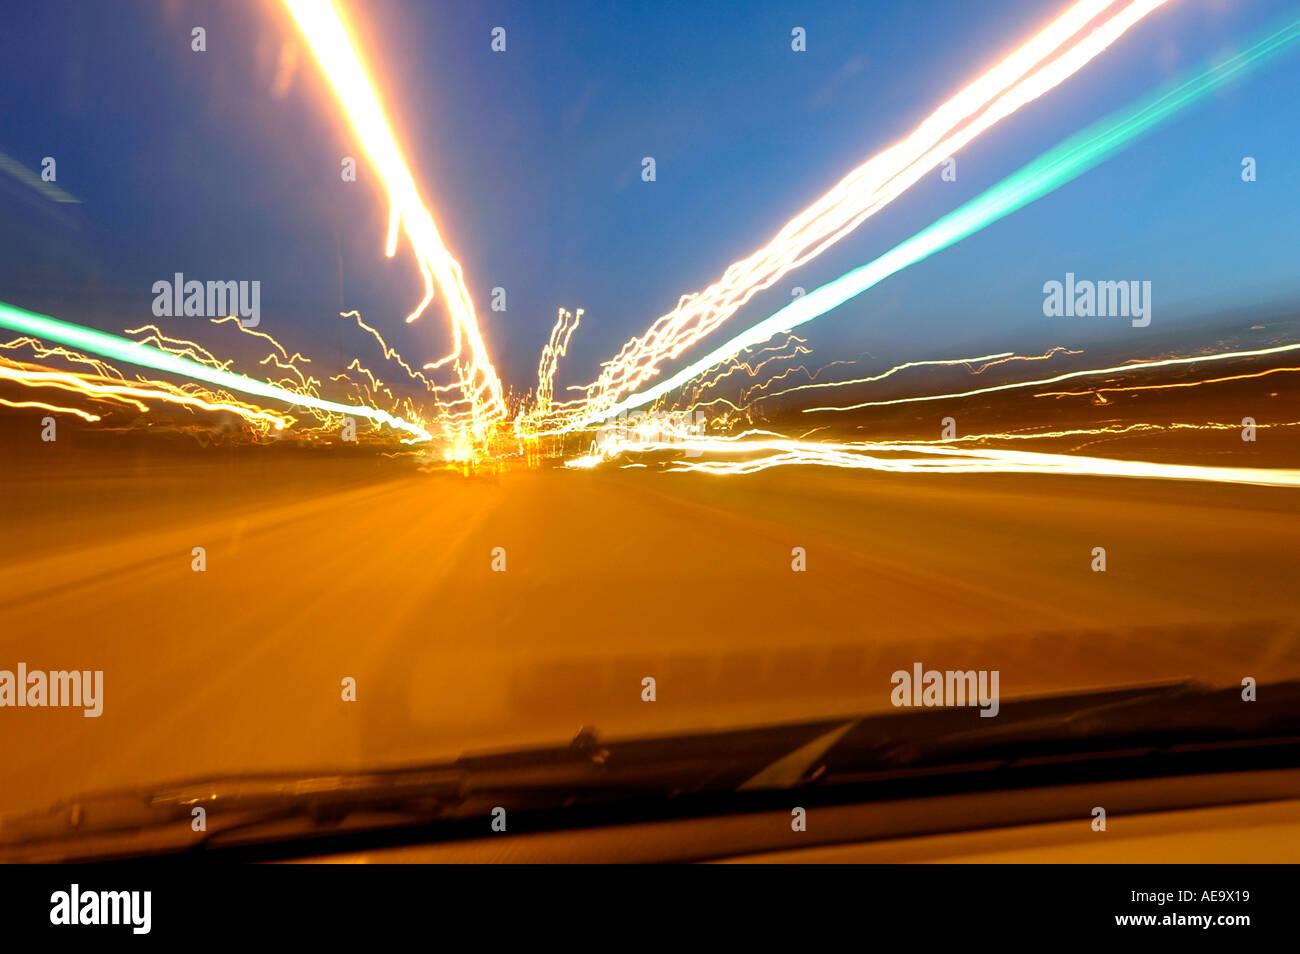 Coche, tráfico, senderos, carreteras, noche, gráficos, color, blues, intenso, viajes, moderna, los coches, las rayas, el transporte, la velocidad, el desenfoque, moti Imagen De Stock